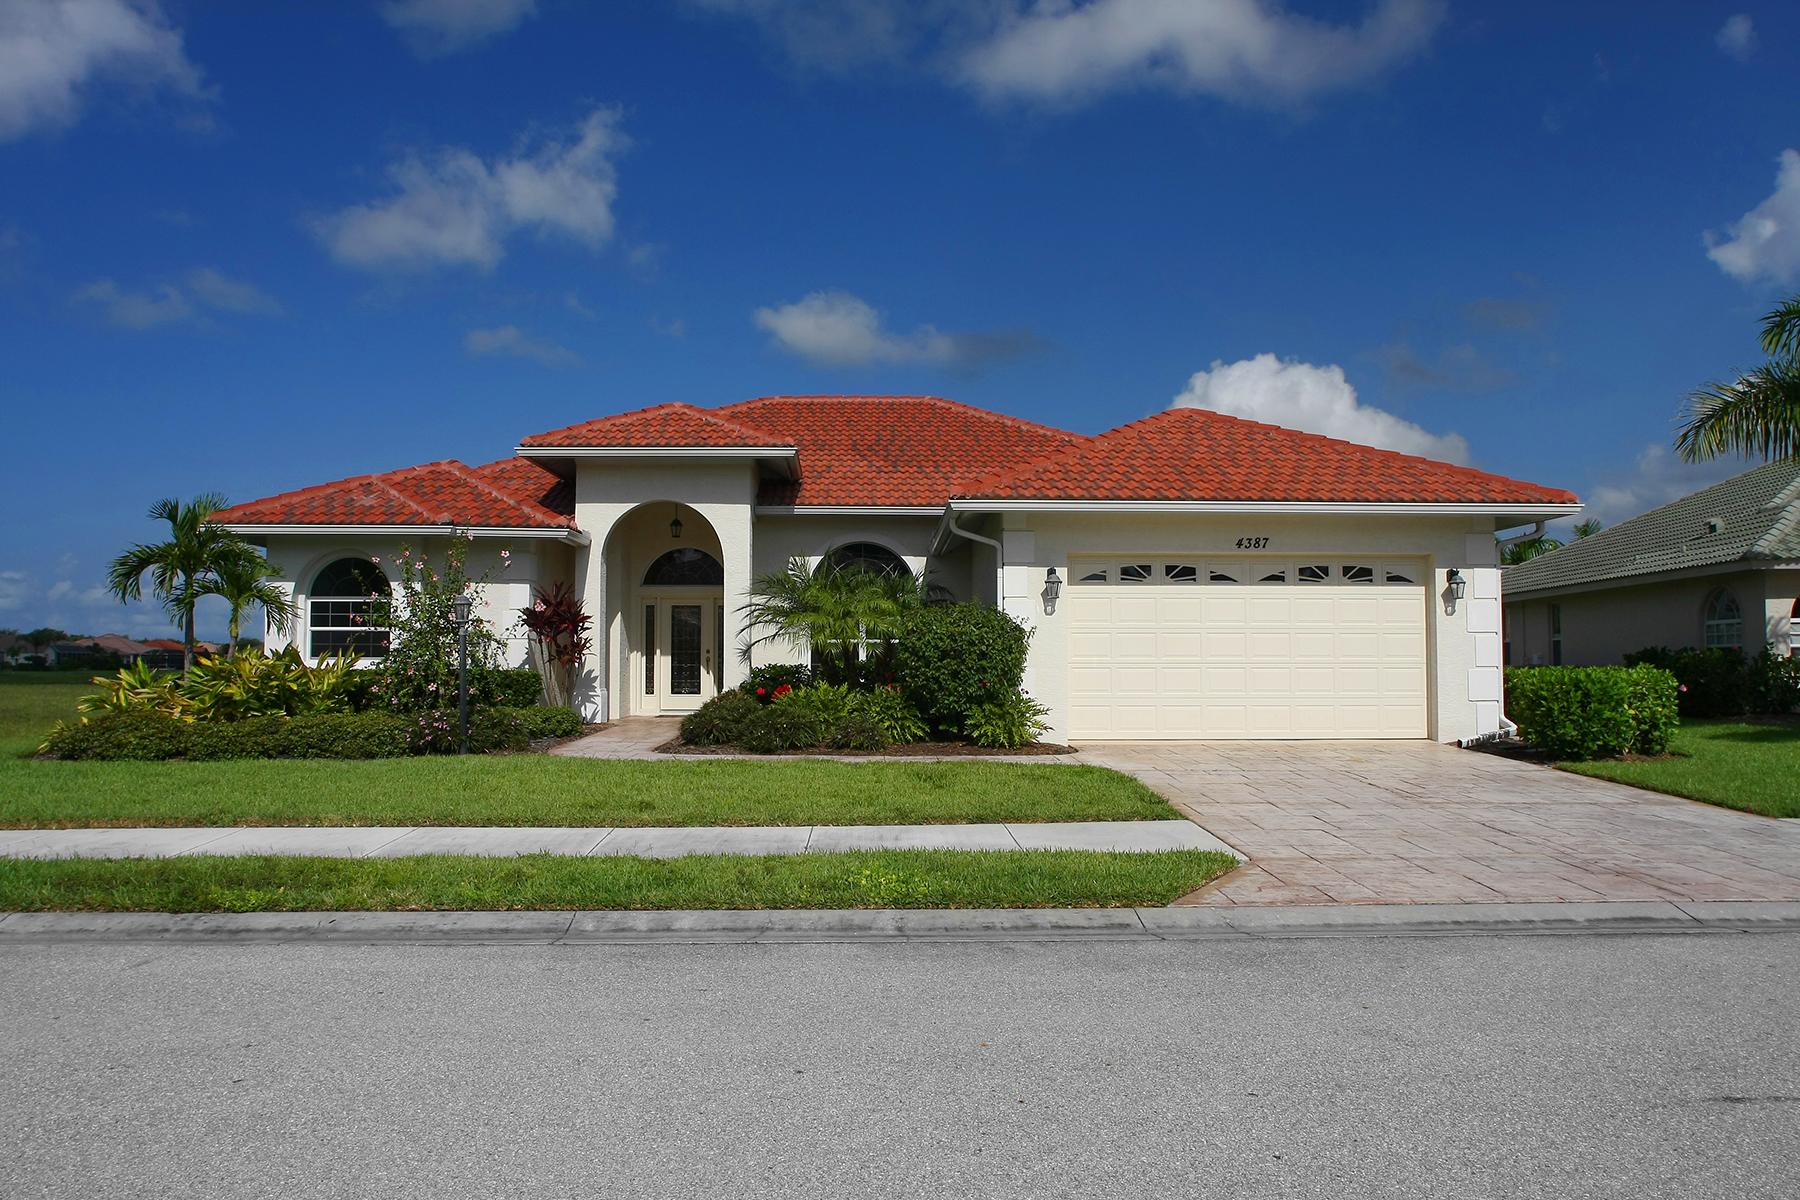 Single Family Home for Sale at VENETIA 4387 Via Del Villetti Dr Venice, Florida, 34293 United States